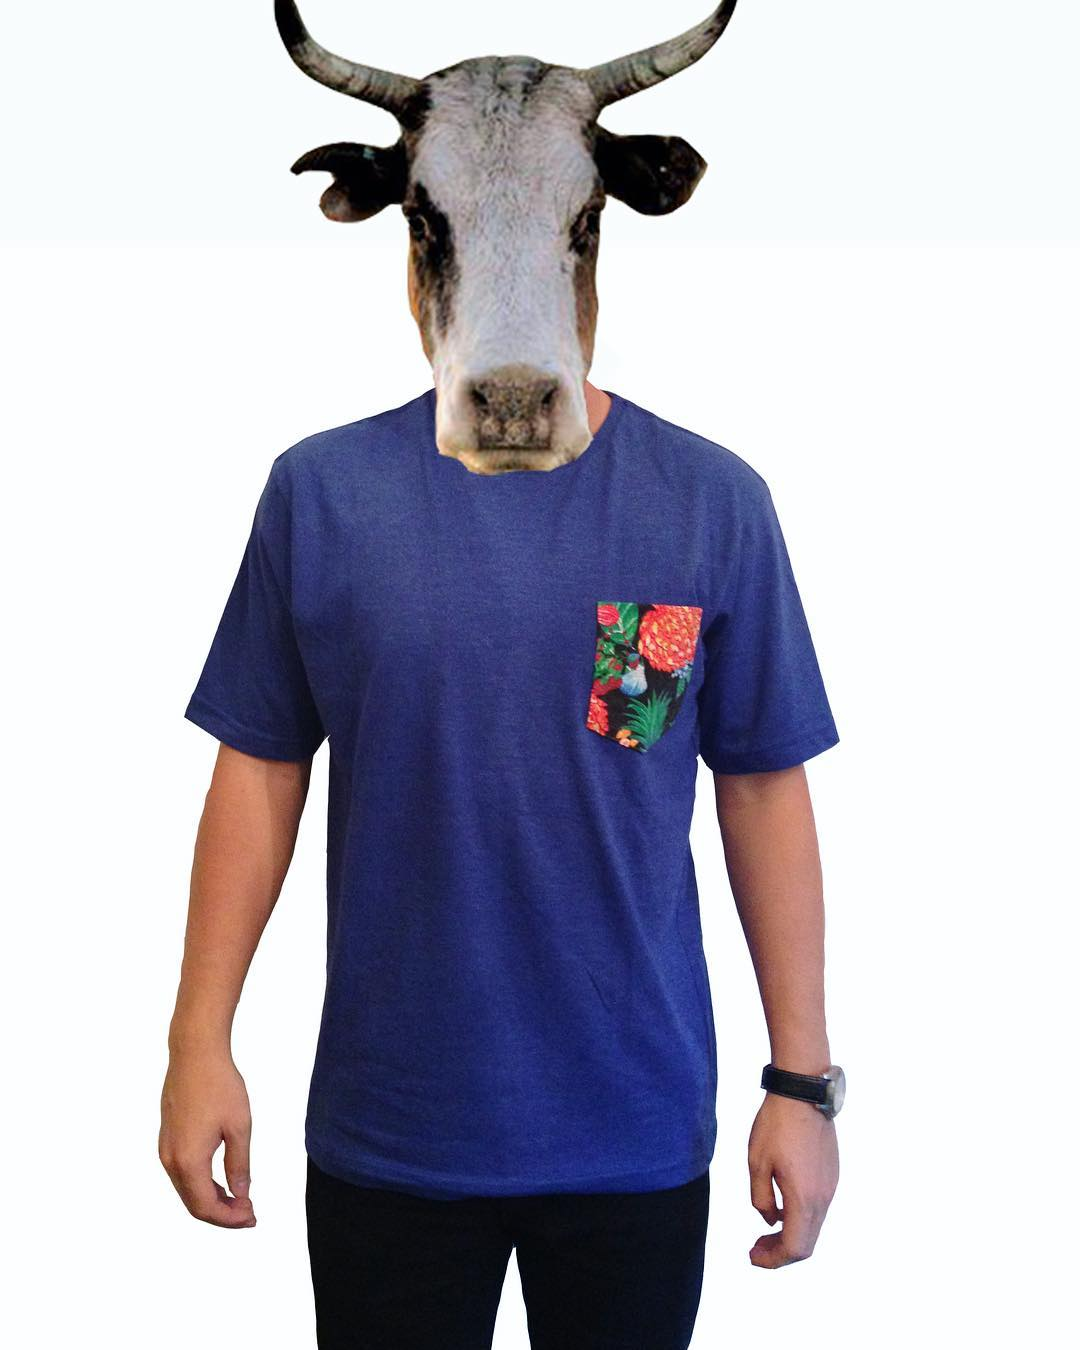 Ya llegaron las nuevas Mirage! Son una LO CU RA. Mirá todos los modelos en nuestra página de Facebook Bull Rider Argentina #newin #tshirt #riders #ootd #fruitstyle